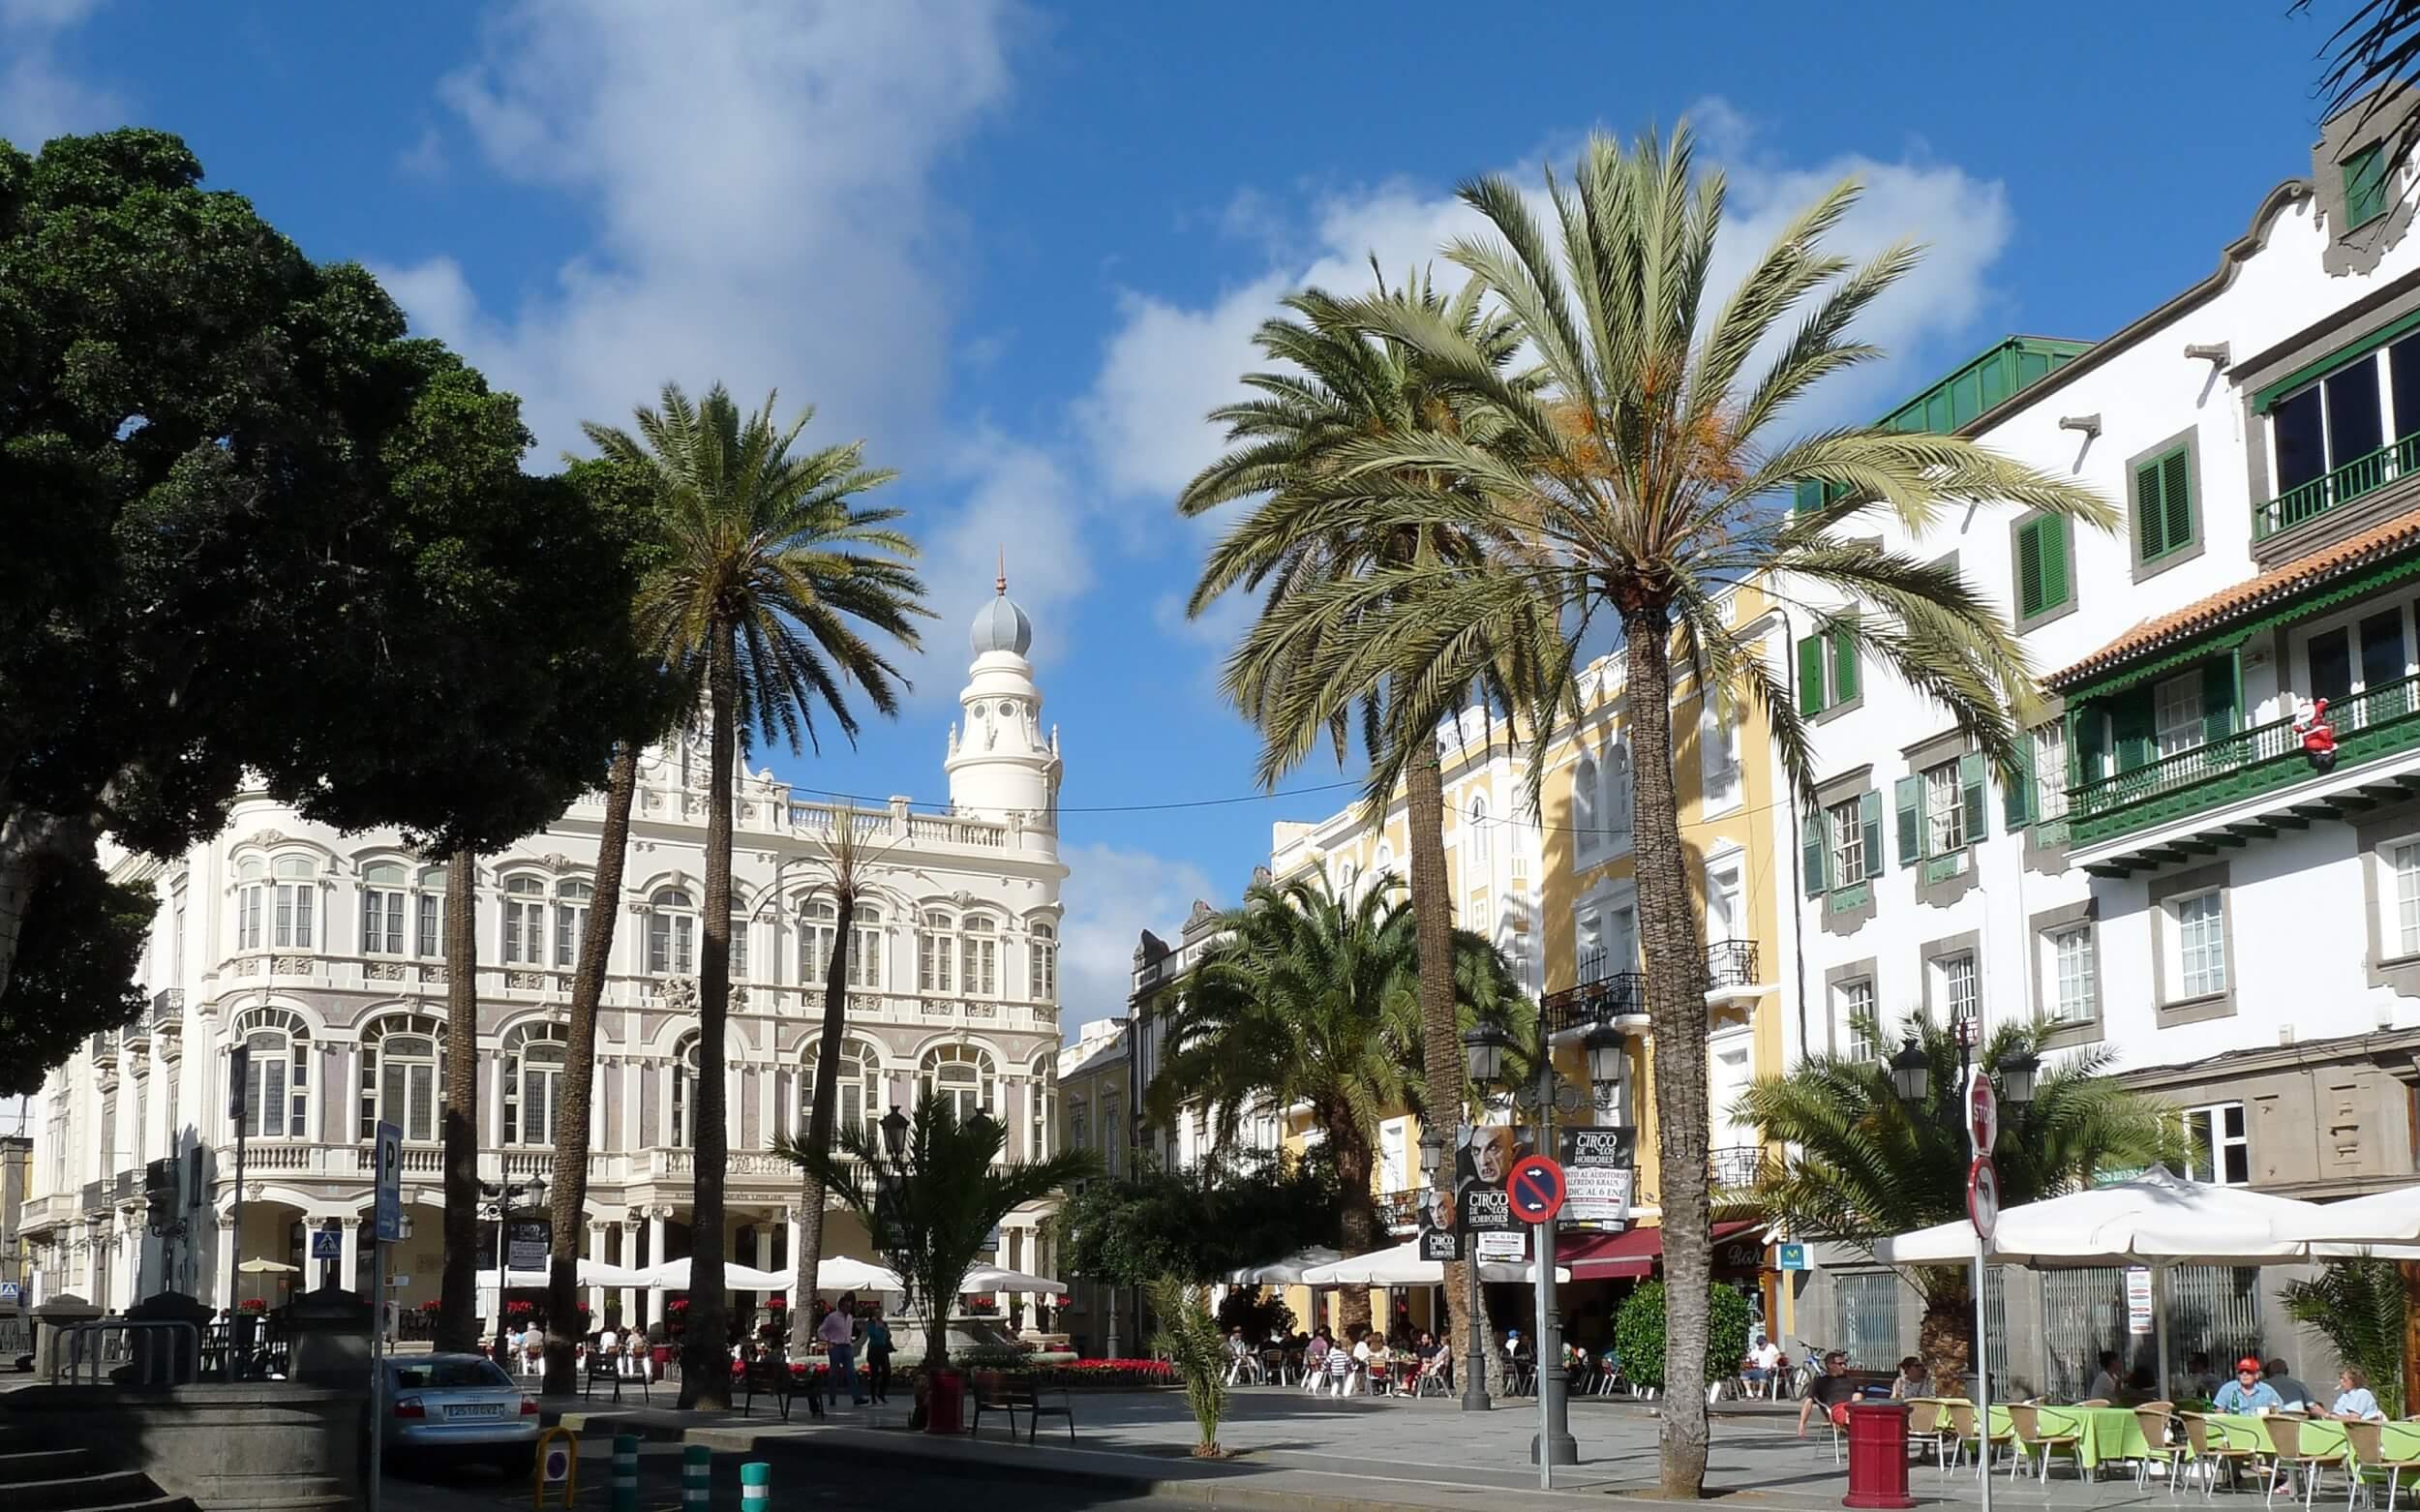 Der Mietwagen auf Gran Canaria macht unabhängig (c) aus_franken / pixabay.de